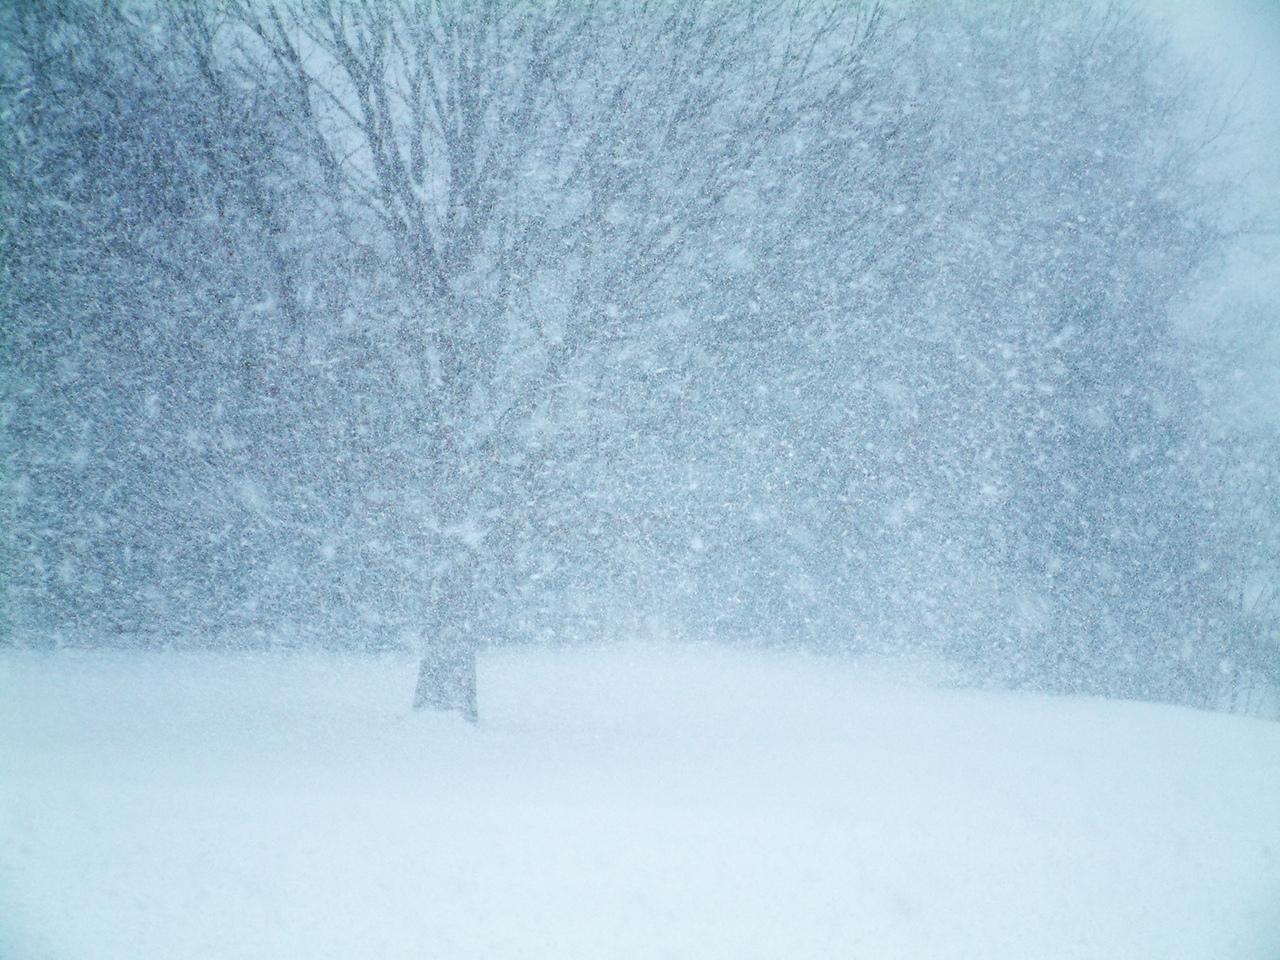 Снегопад не прекратится ещё долго